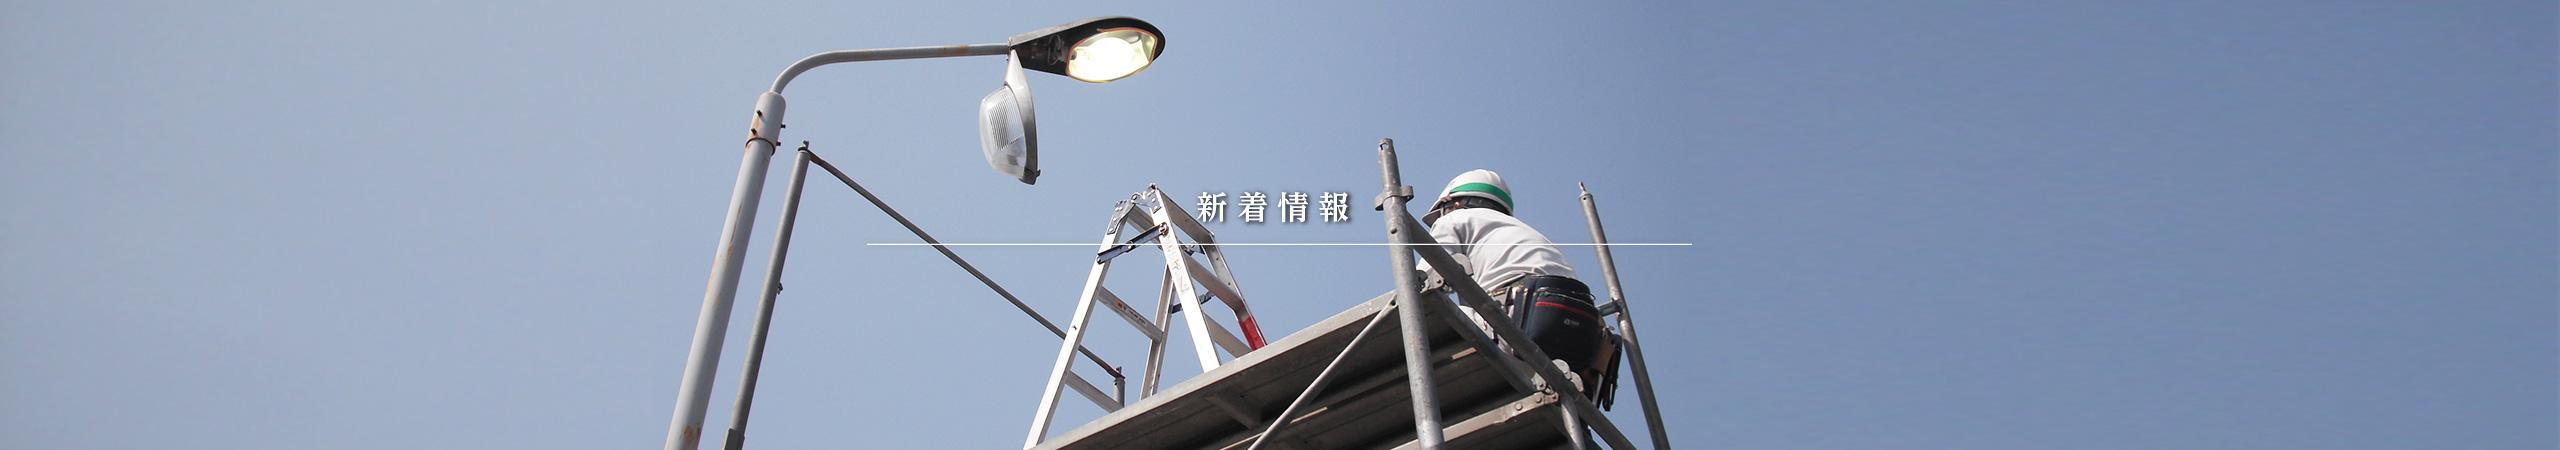 長崎・軍艦島・ハウステンボスへ行ってきました(#^.^#)